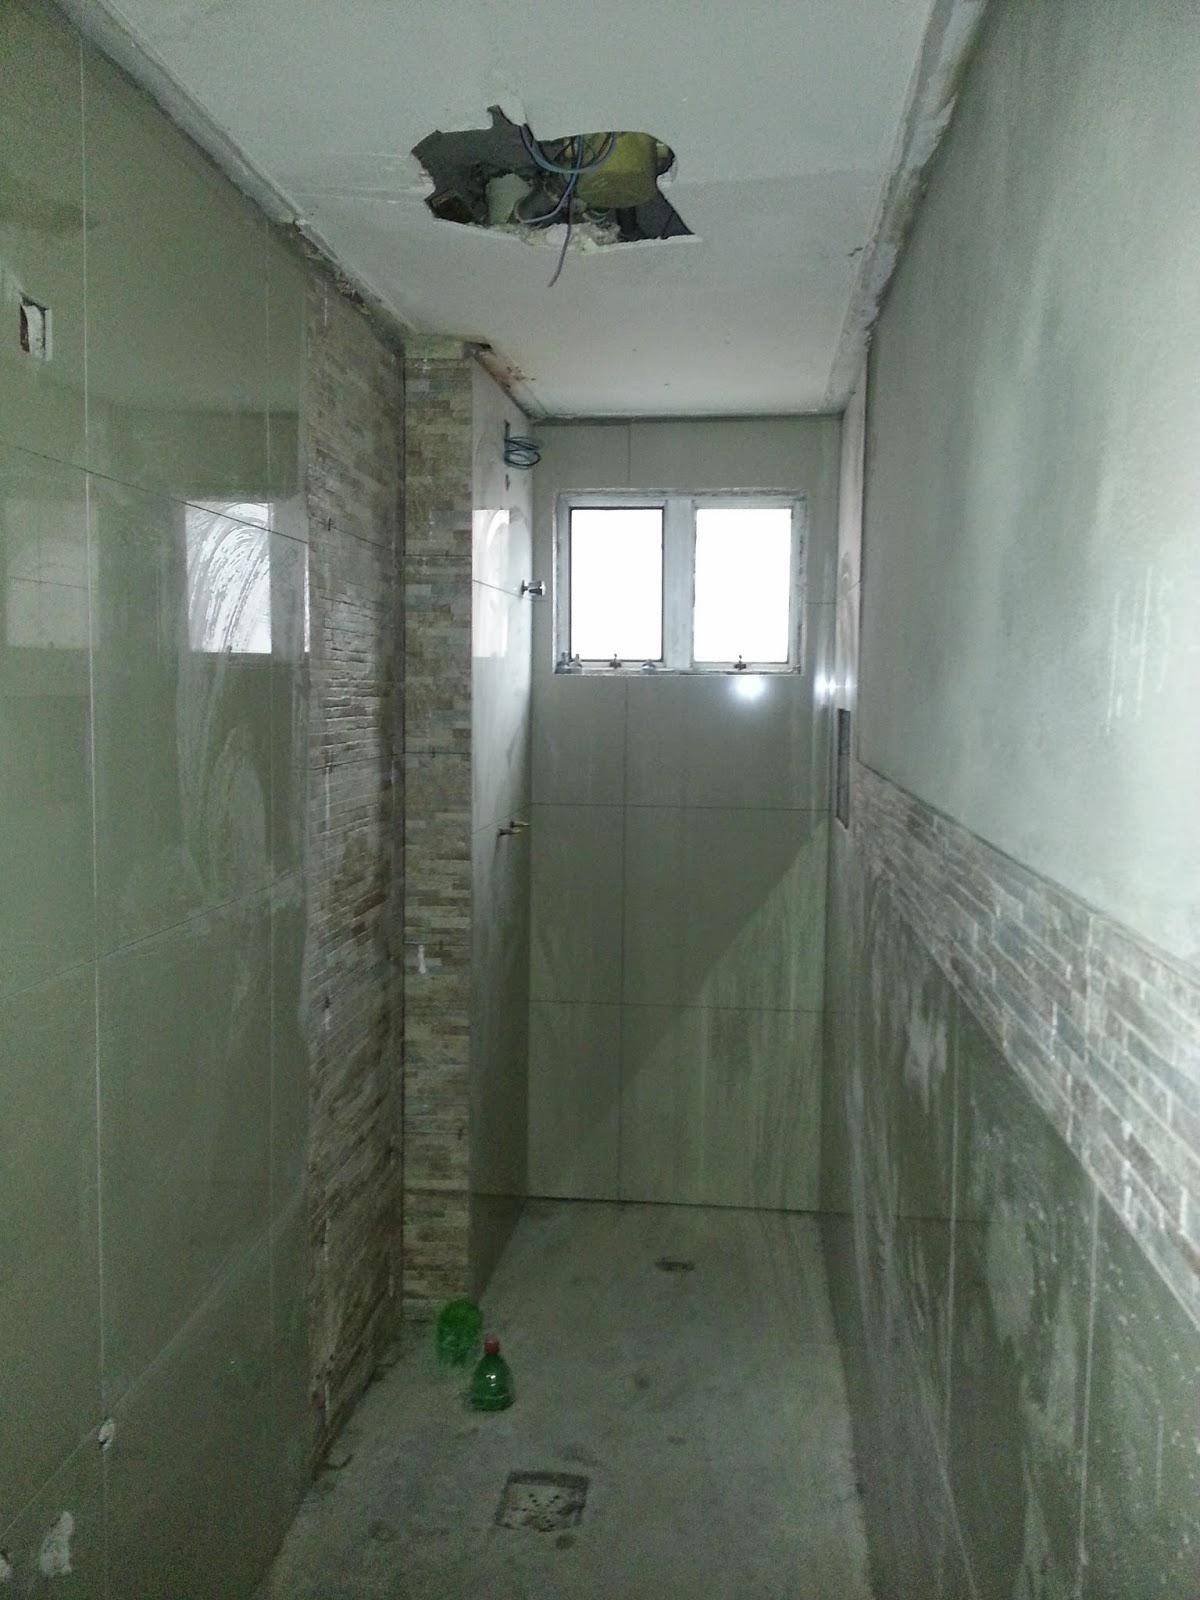 fotos da reforma#3 Meu novo Lar #414939 1200x1600 Banheiro Com Janela Interna